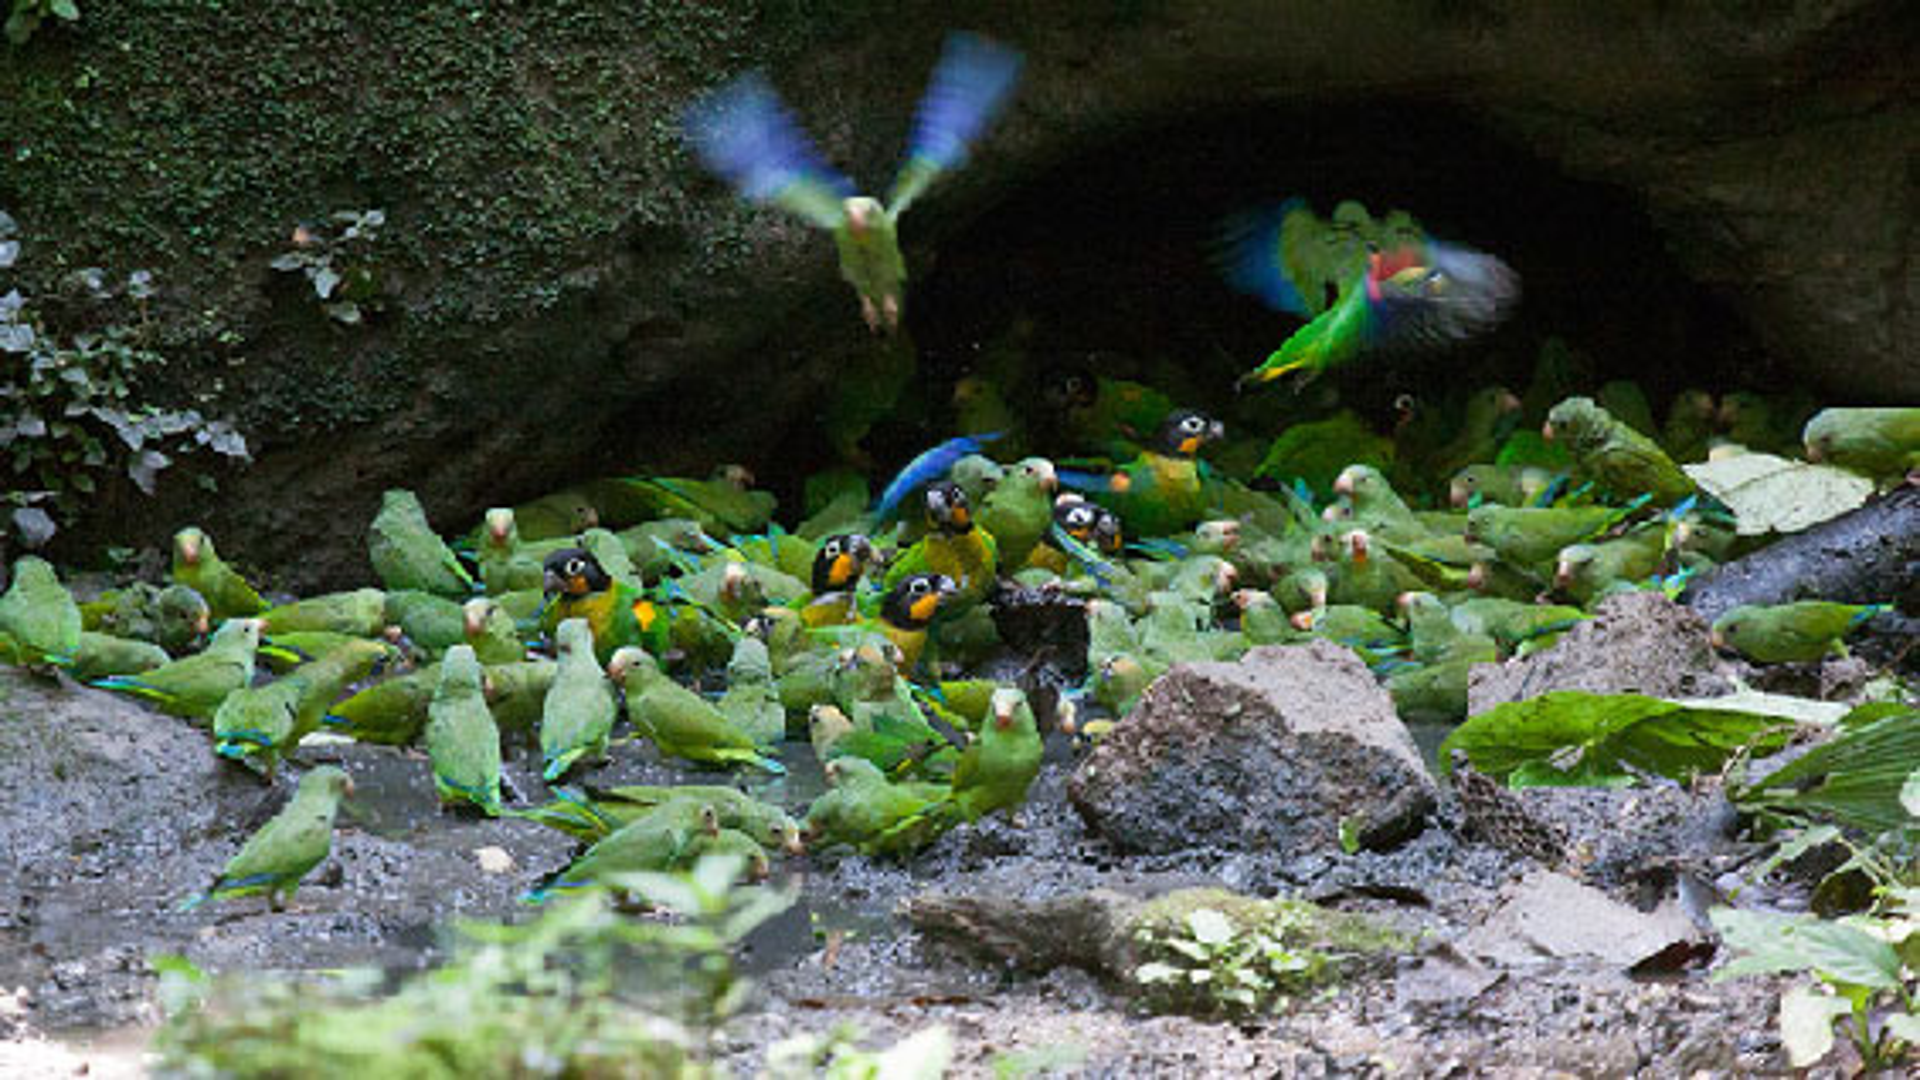 صحنههایی دیدنی از مرغ عشقهای وحشی جنگل آمازون | فیلم